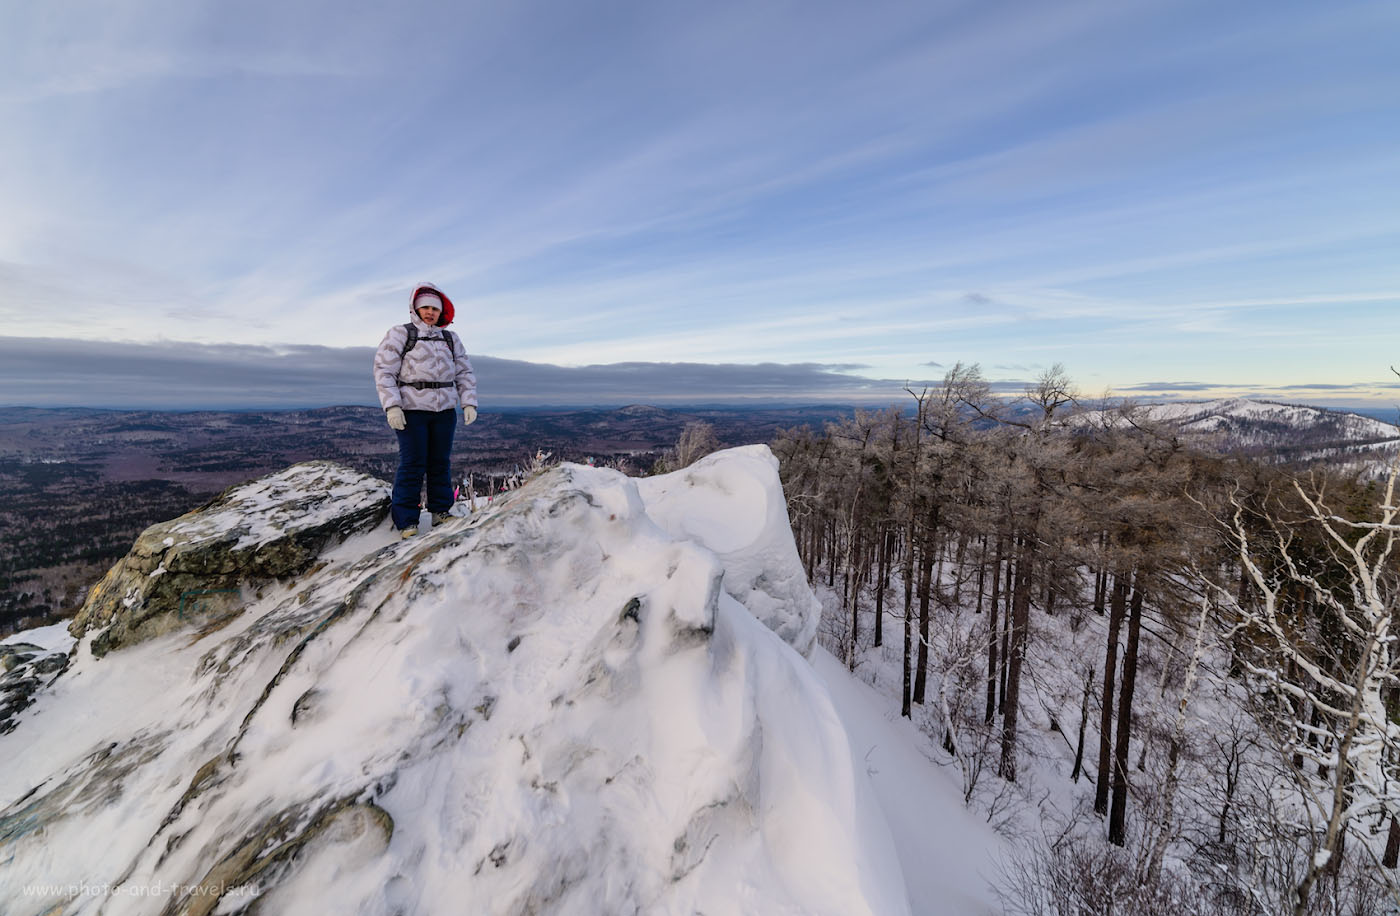 Фотография 11. На вершине горы Сугомак. Отчет о зимнем походе выходного дня по Уралу. 1/200, -0.67, 8.0, 100, 14.